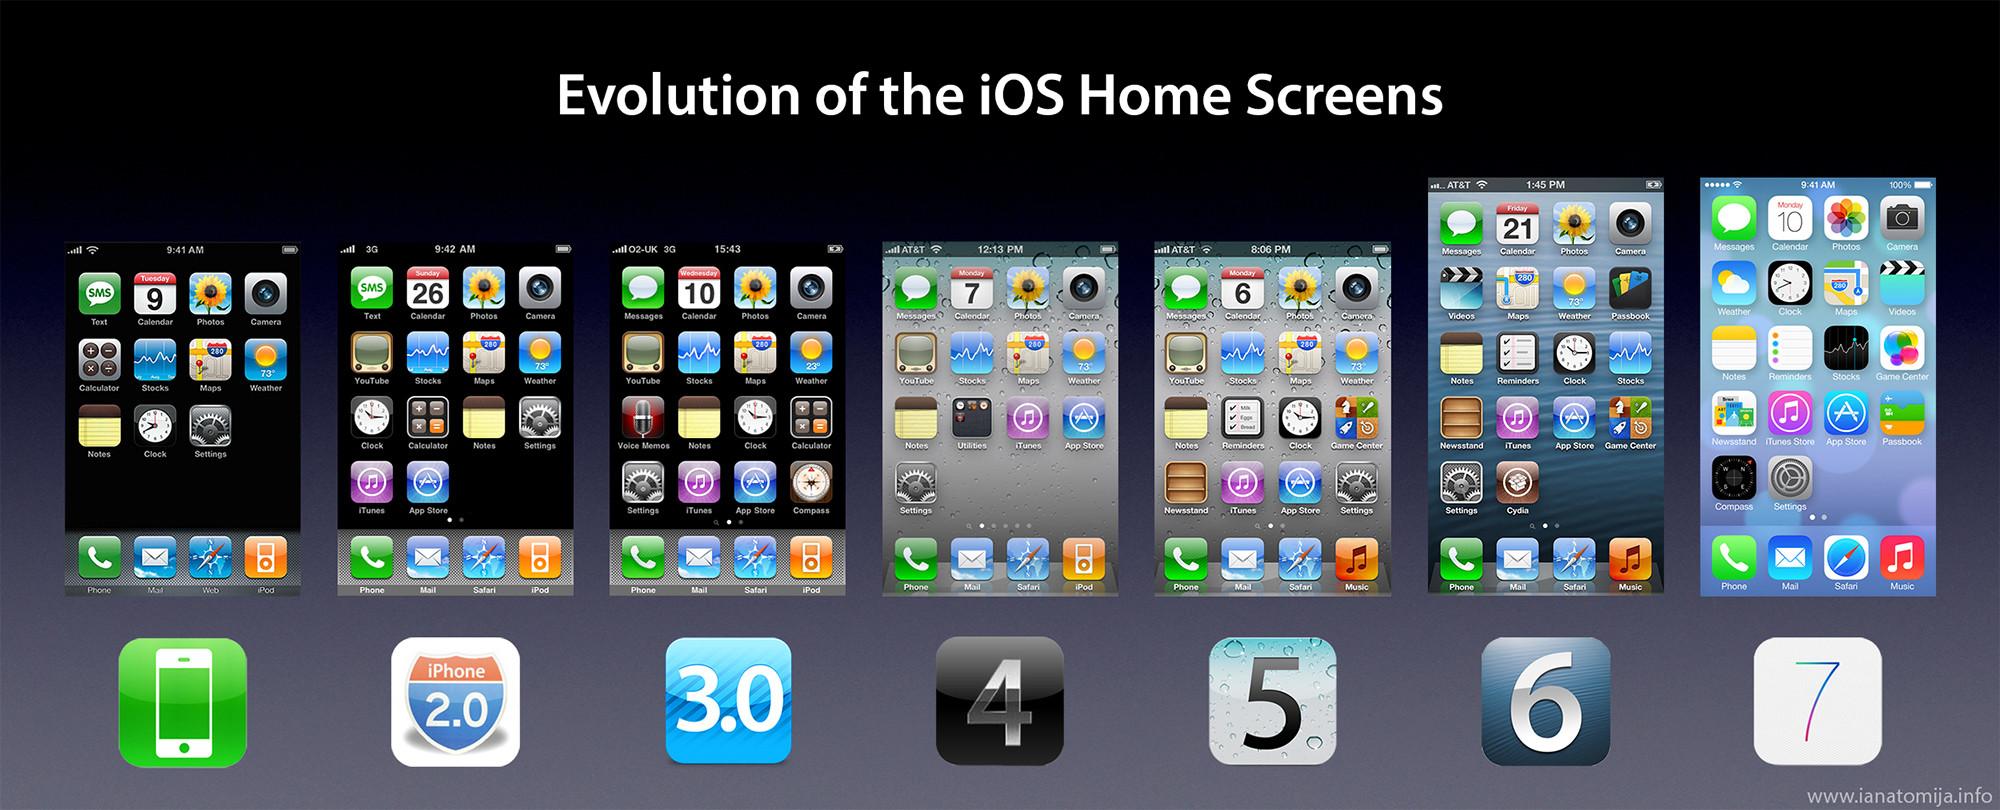 Evolución del Home Screen (pantalla principal) de iOS [ Imagen ]